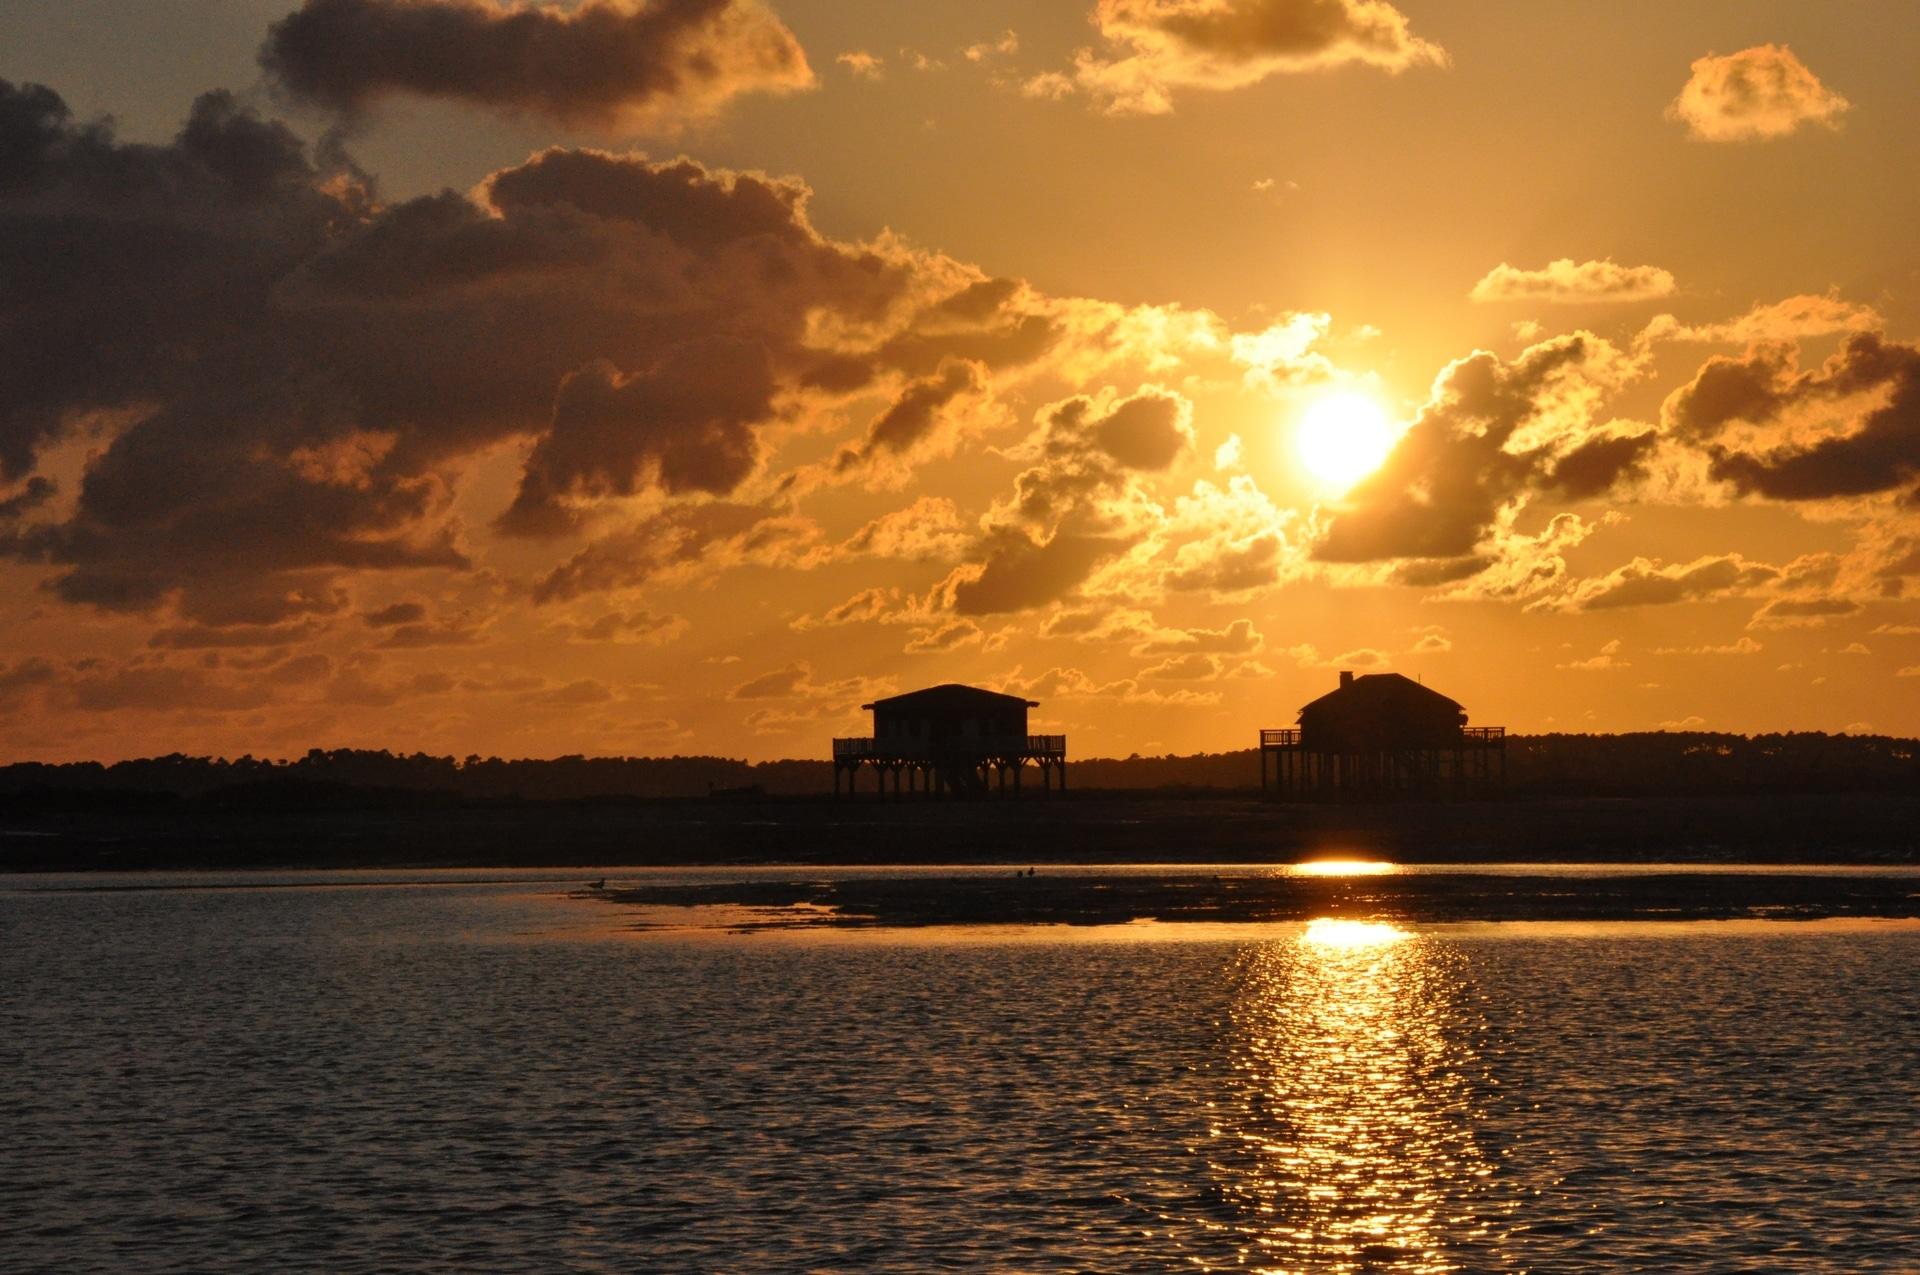 bassin d'arcachon, lege cap-ferret, coucher de soleil, photographie, instaphoto